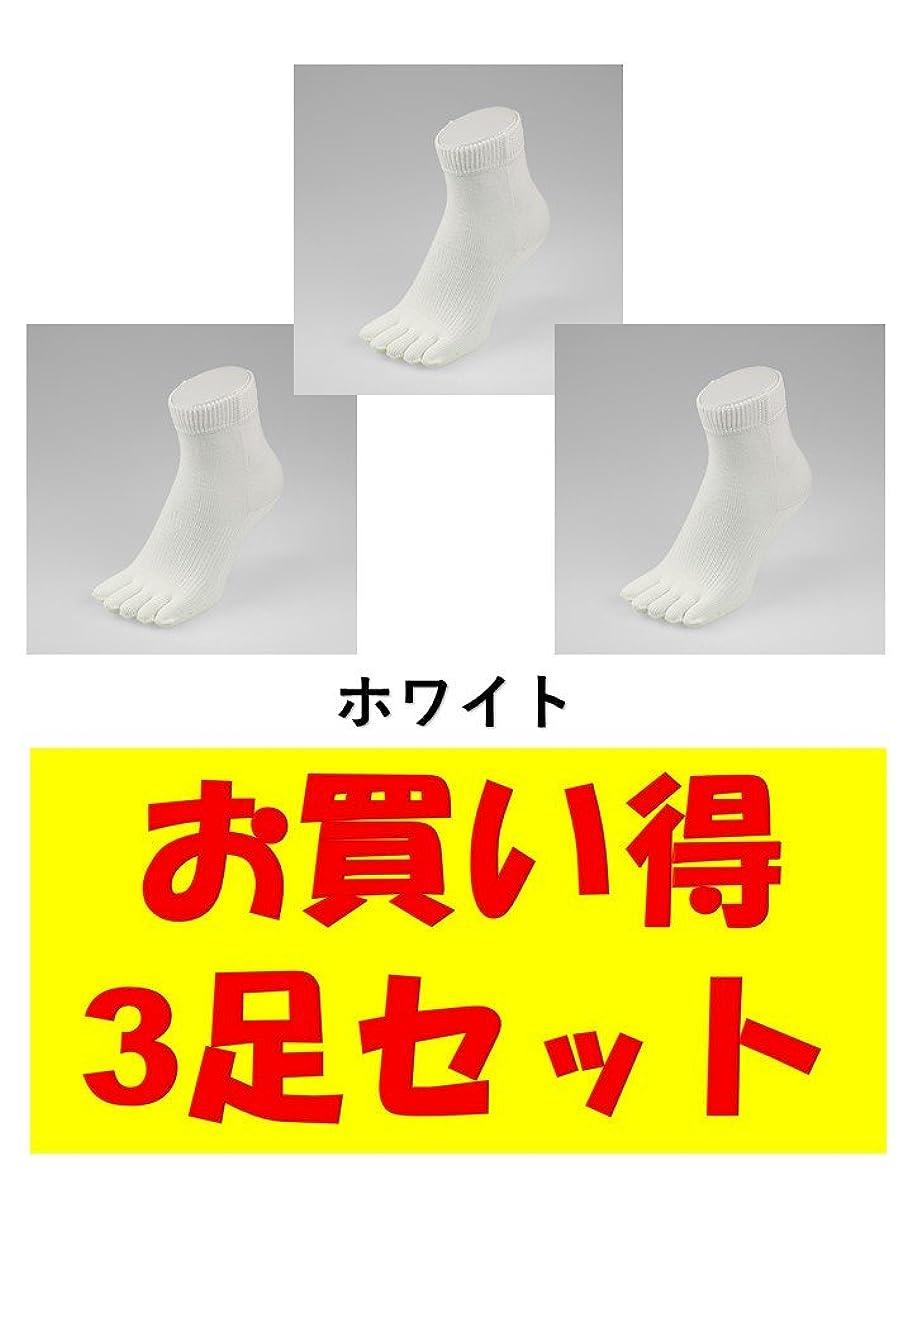 起訴する先駆者インクお買い得3足セット 5本指 ゆびのばソックス Neo EVE(イヴ) ホワイト iサイズ(23.5cm - 25.5cm) YSNEVE-WHT